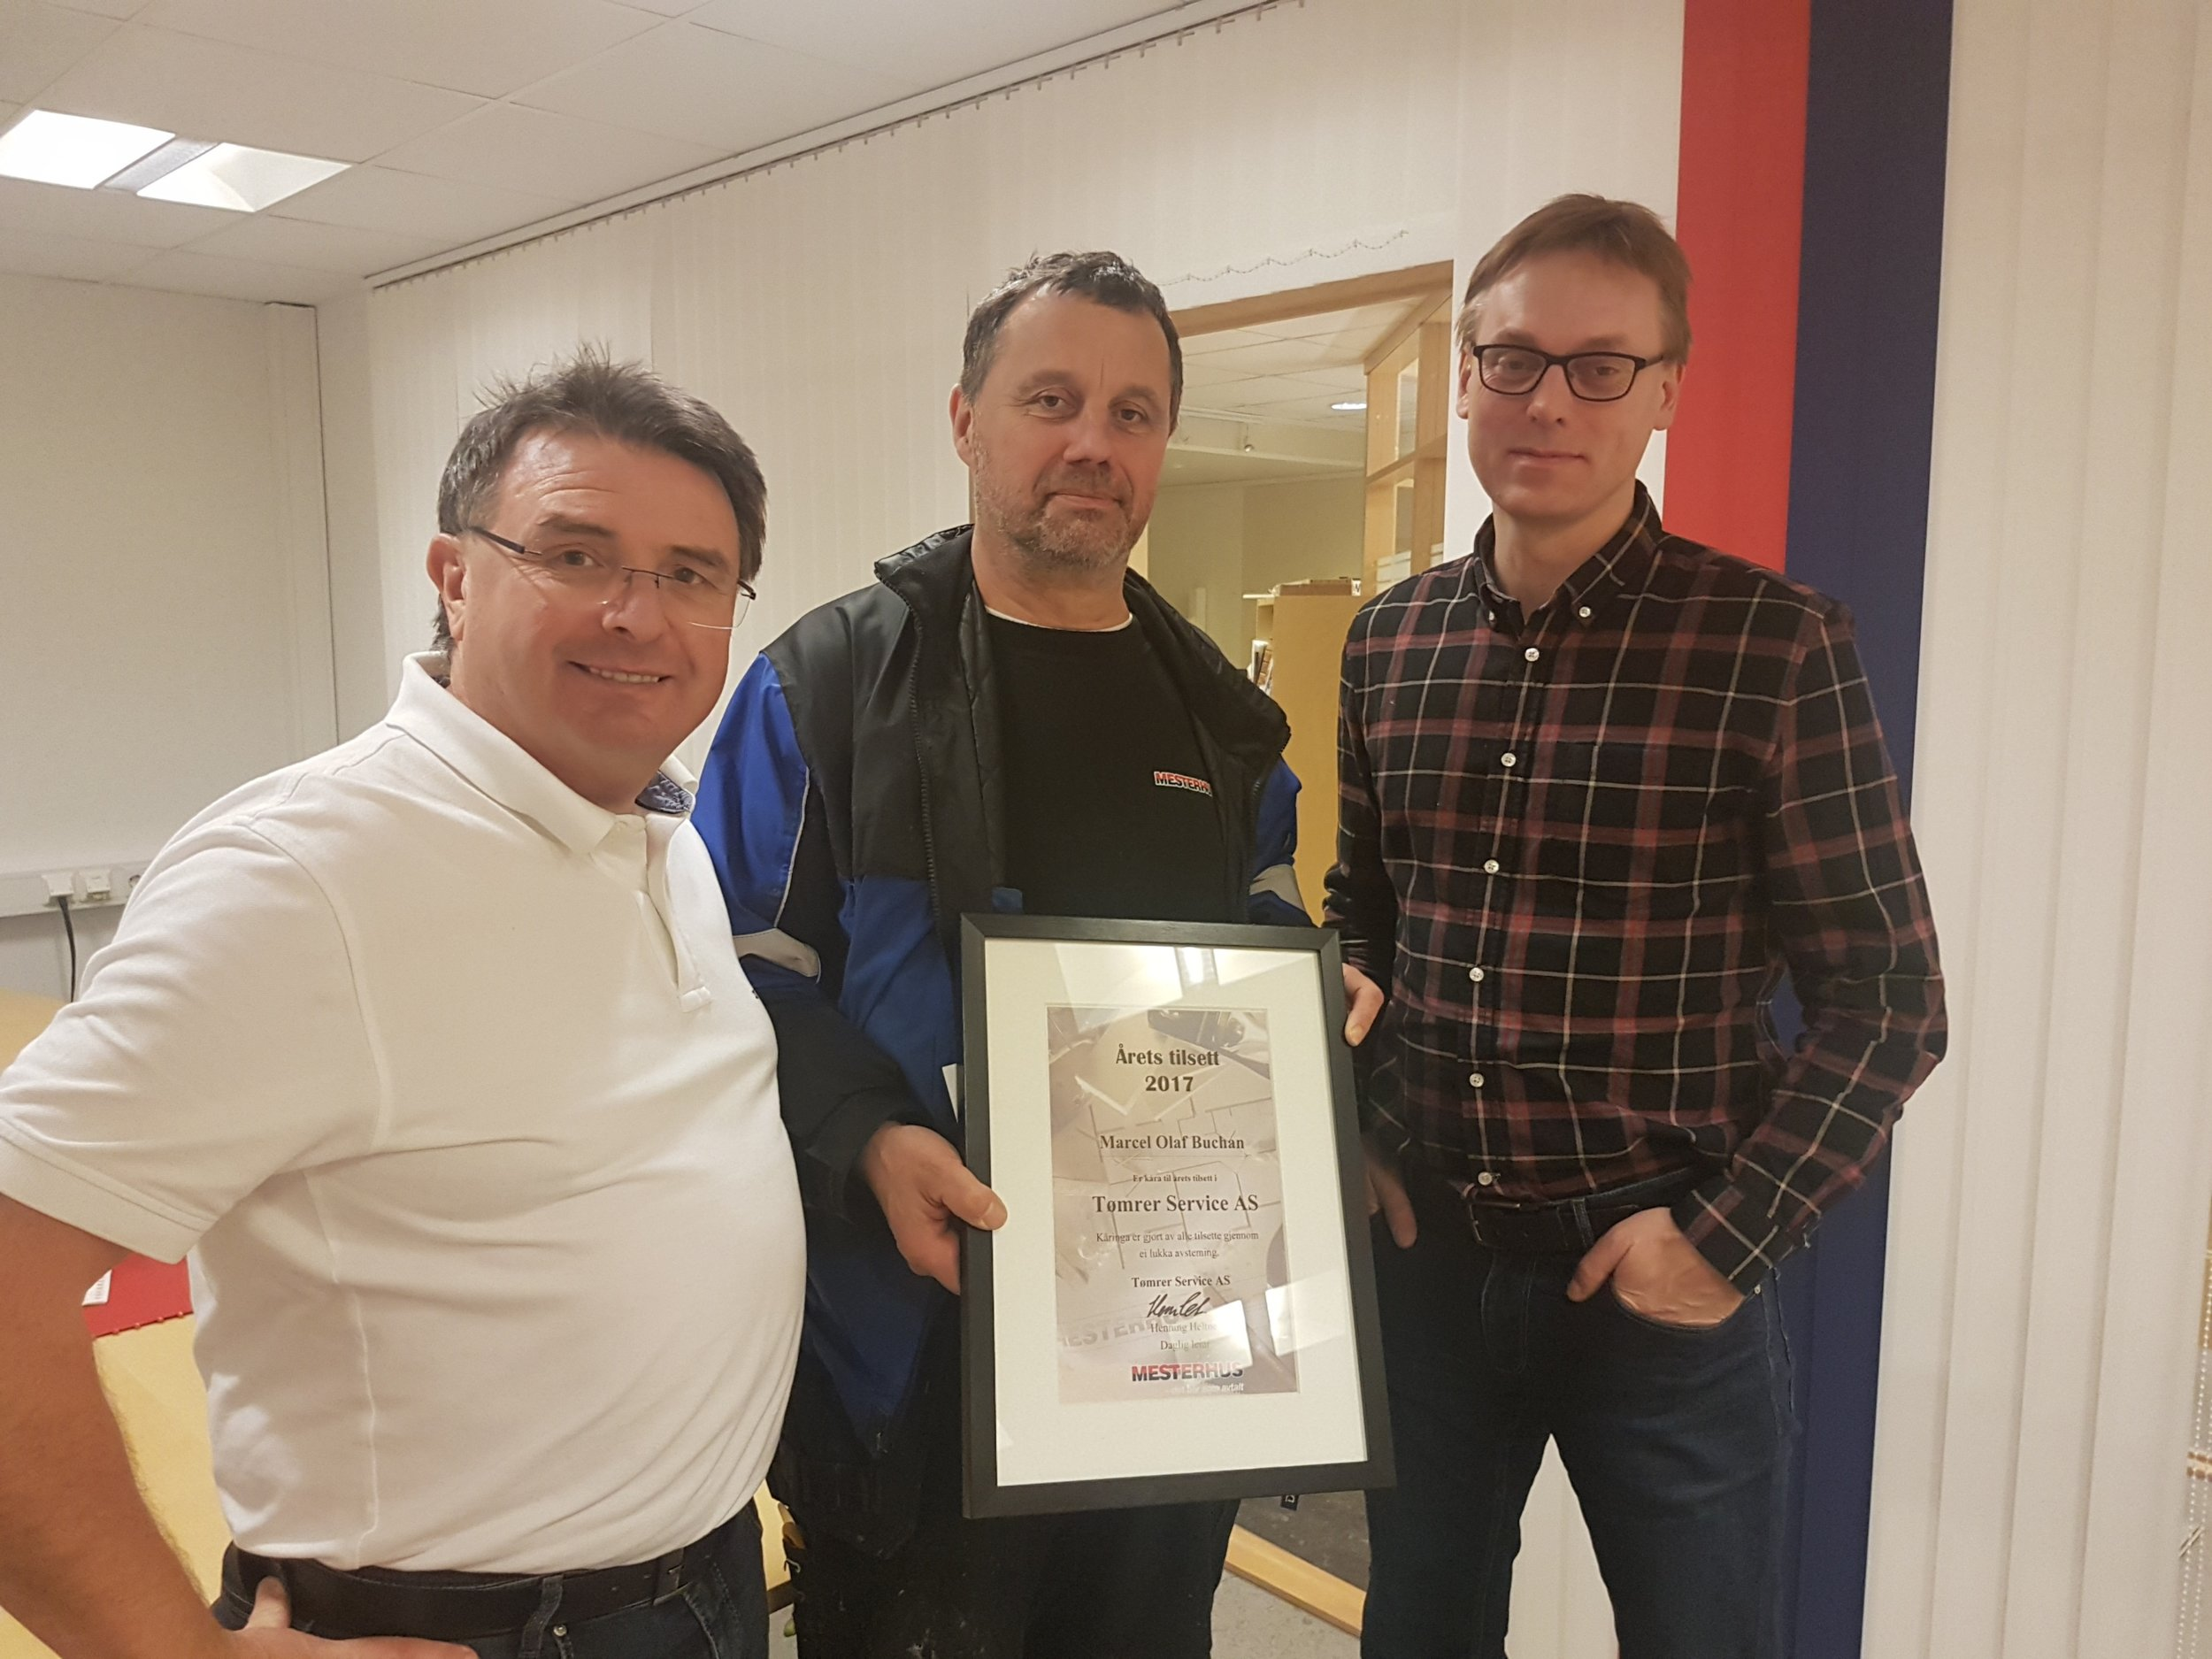 Marcel Buchan (i midten) var dessverre forhindra i å kome på julebordet, og han fekk overrekt prisen på kontoret frå dagleg leiar Henning Heltne (th) og salssjef Odd Martin Velsvik (tv)